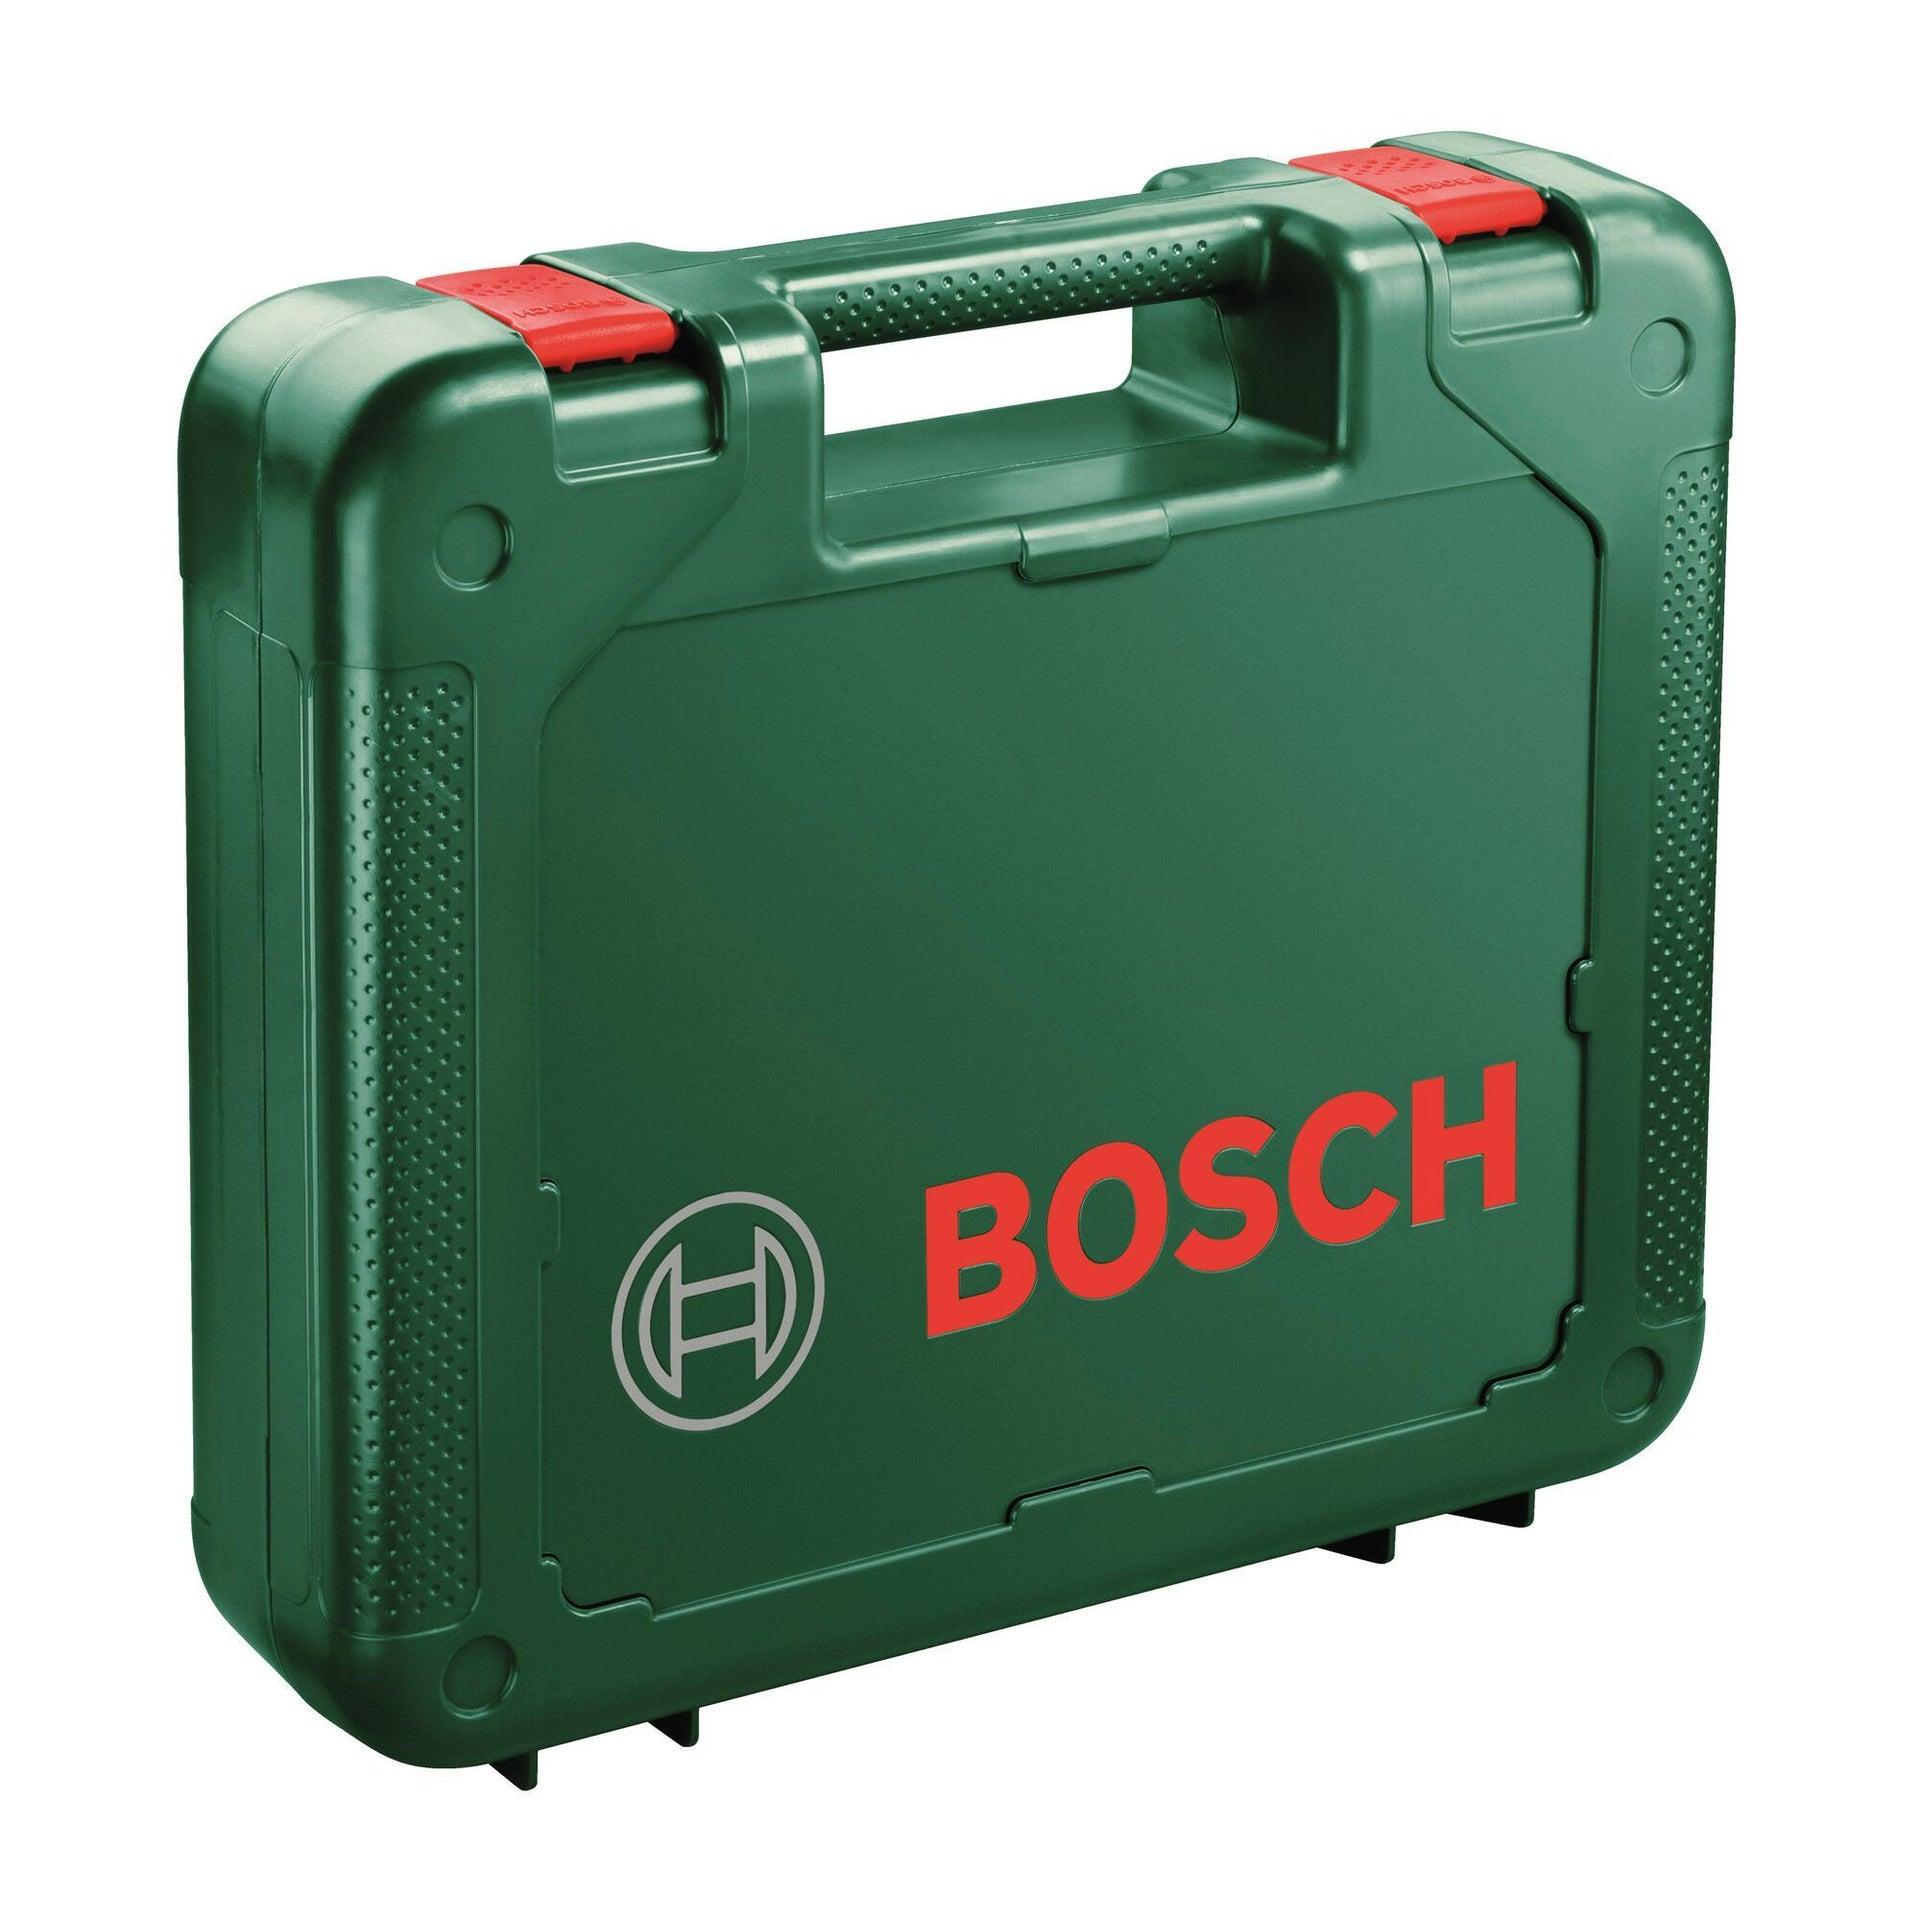 Trapano a percussione a batteria BOSCH PSB1800LI-2 18 V, 1.5 Ah, 1 batteria - 2